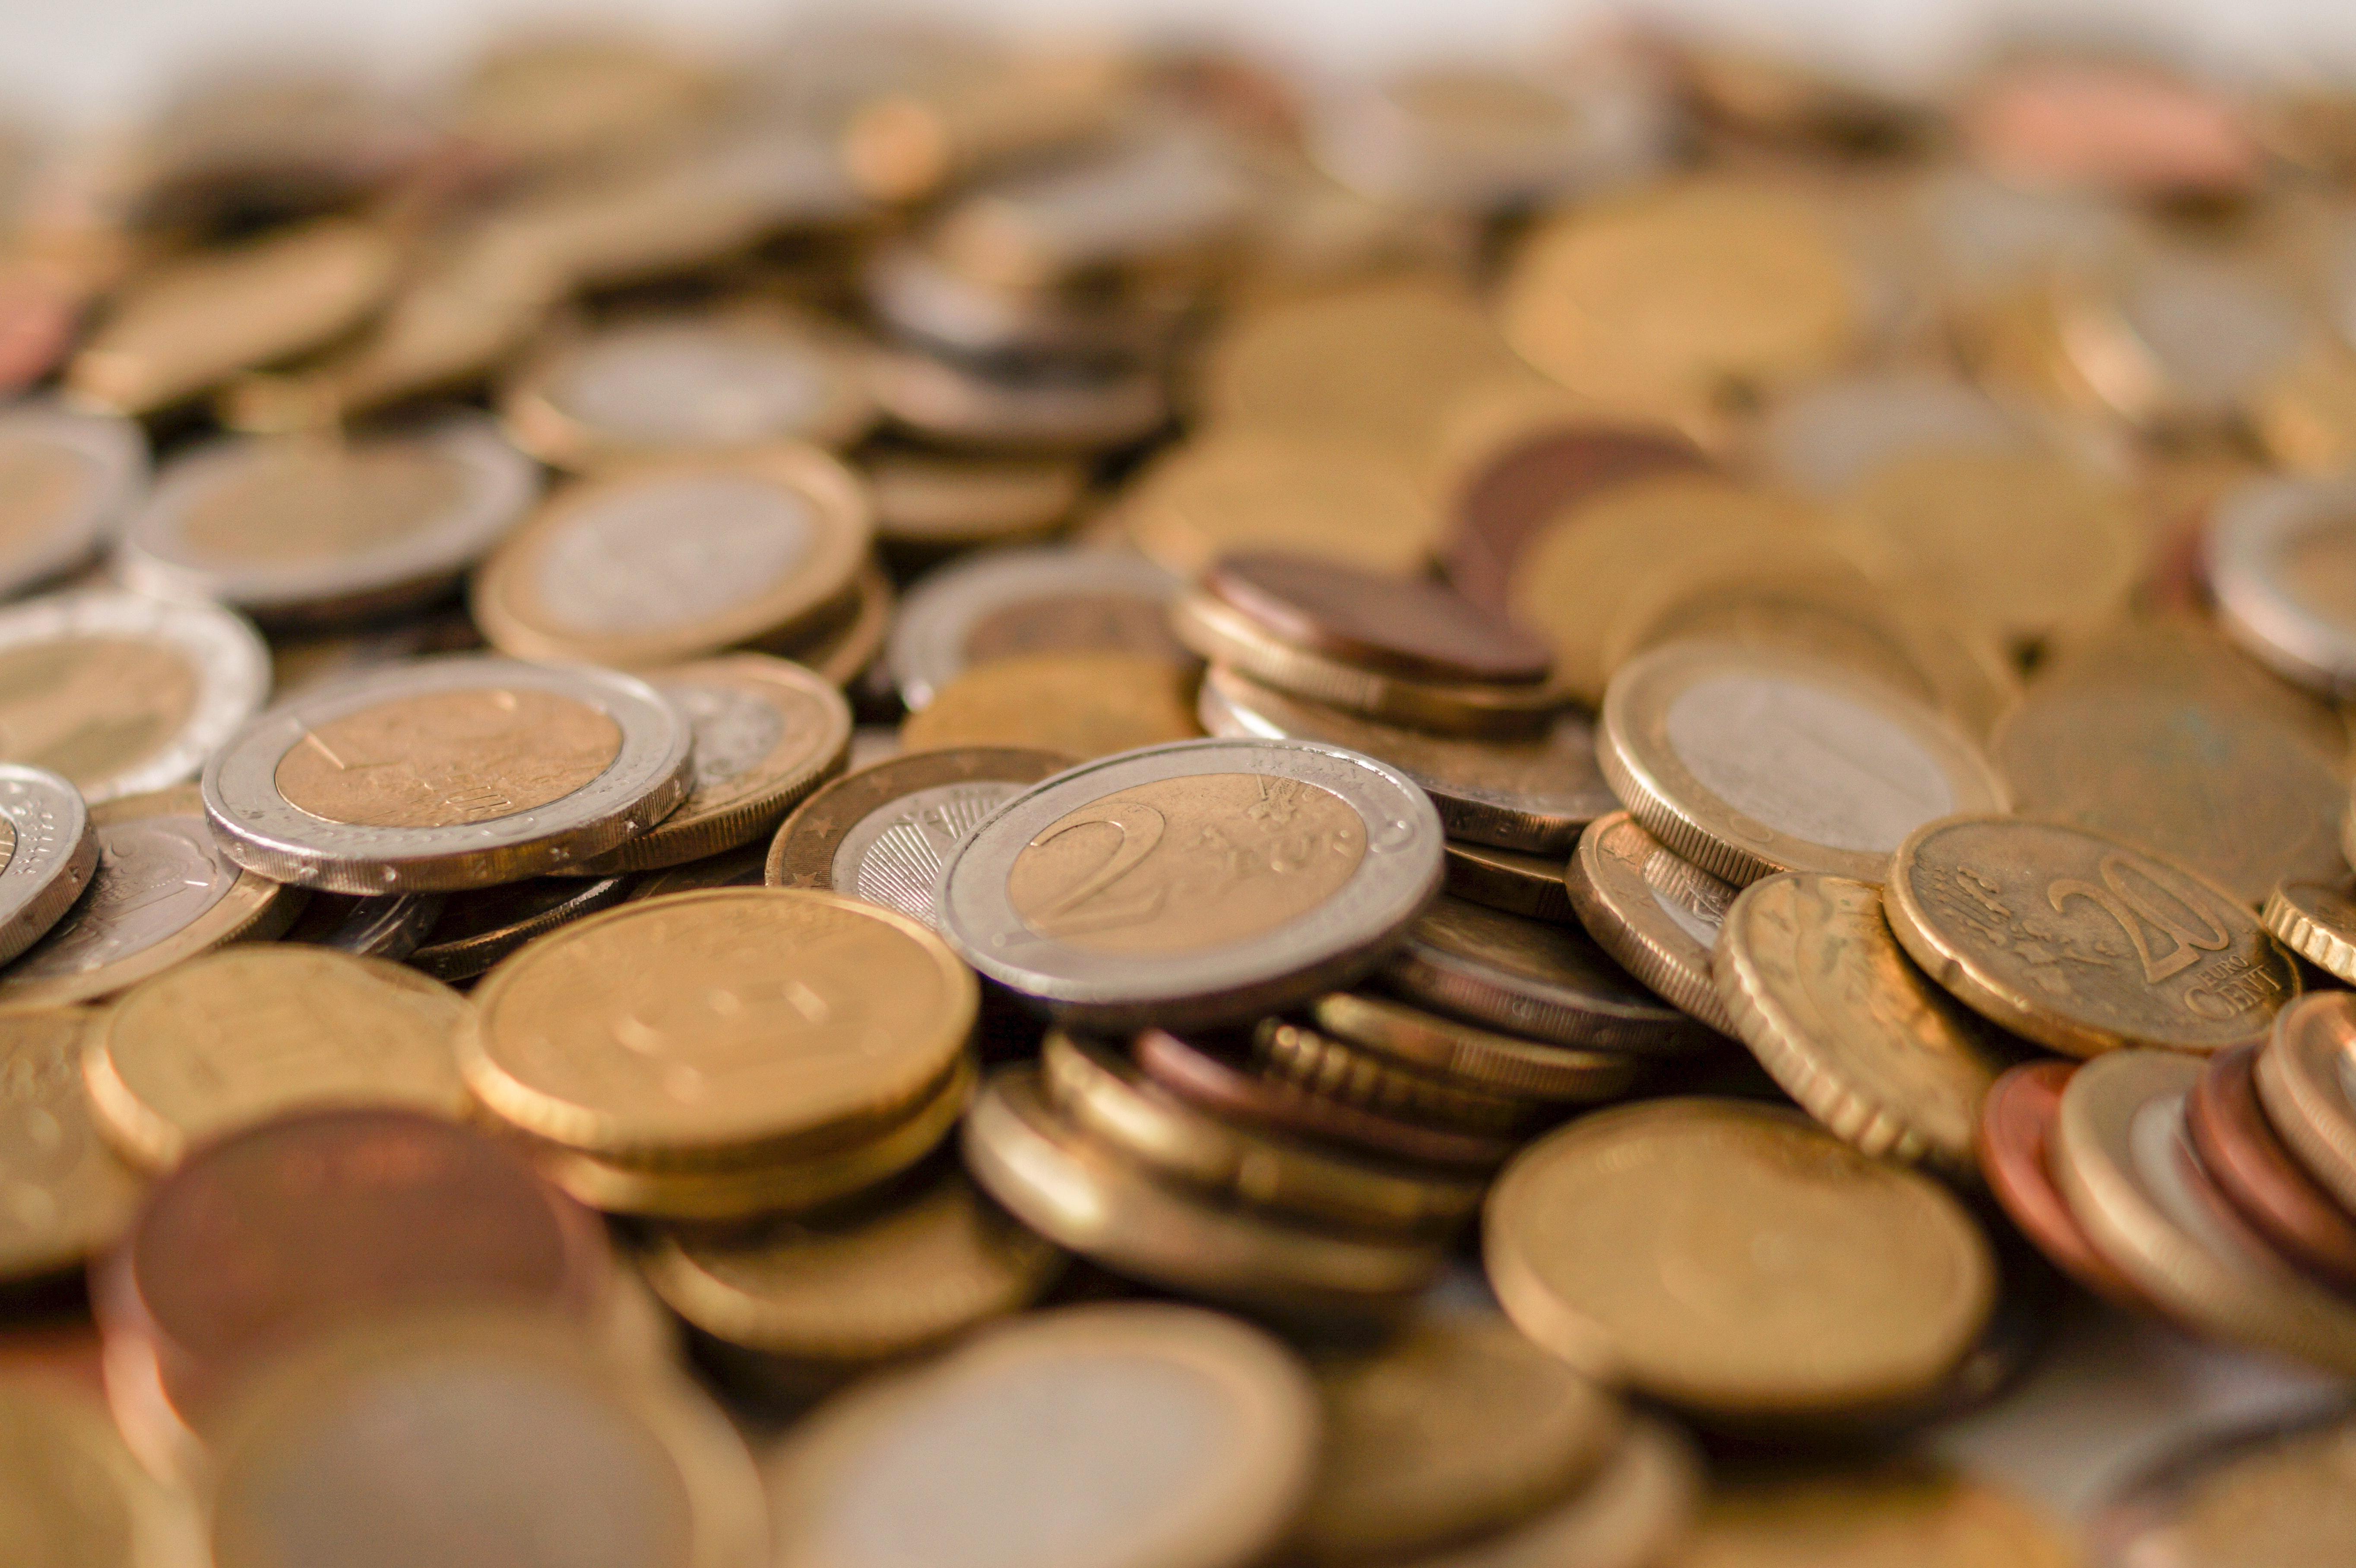 ギリシャのユーロ硬貨